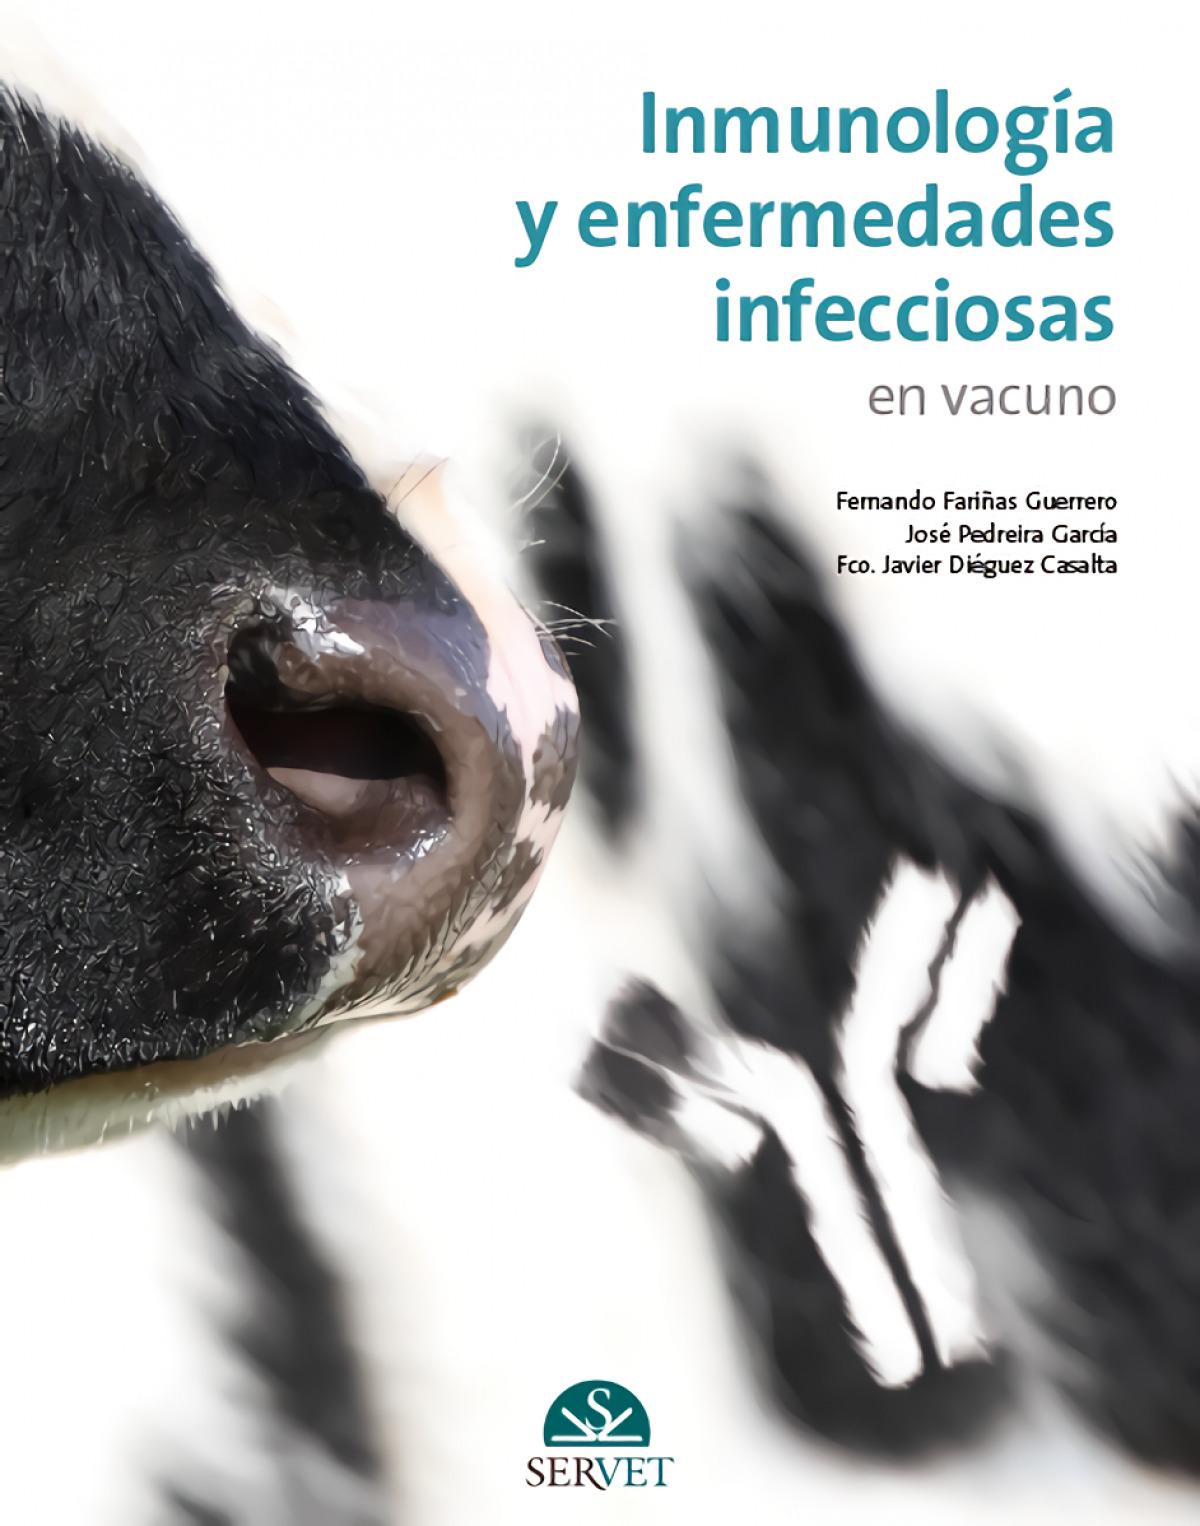 Inmunología y enfermedades infecciosas en vacuno